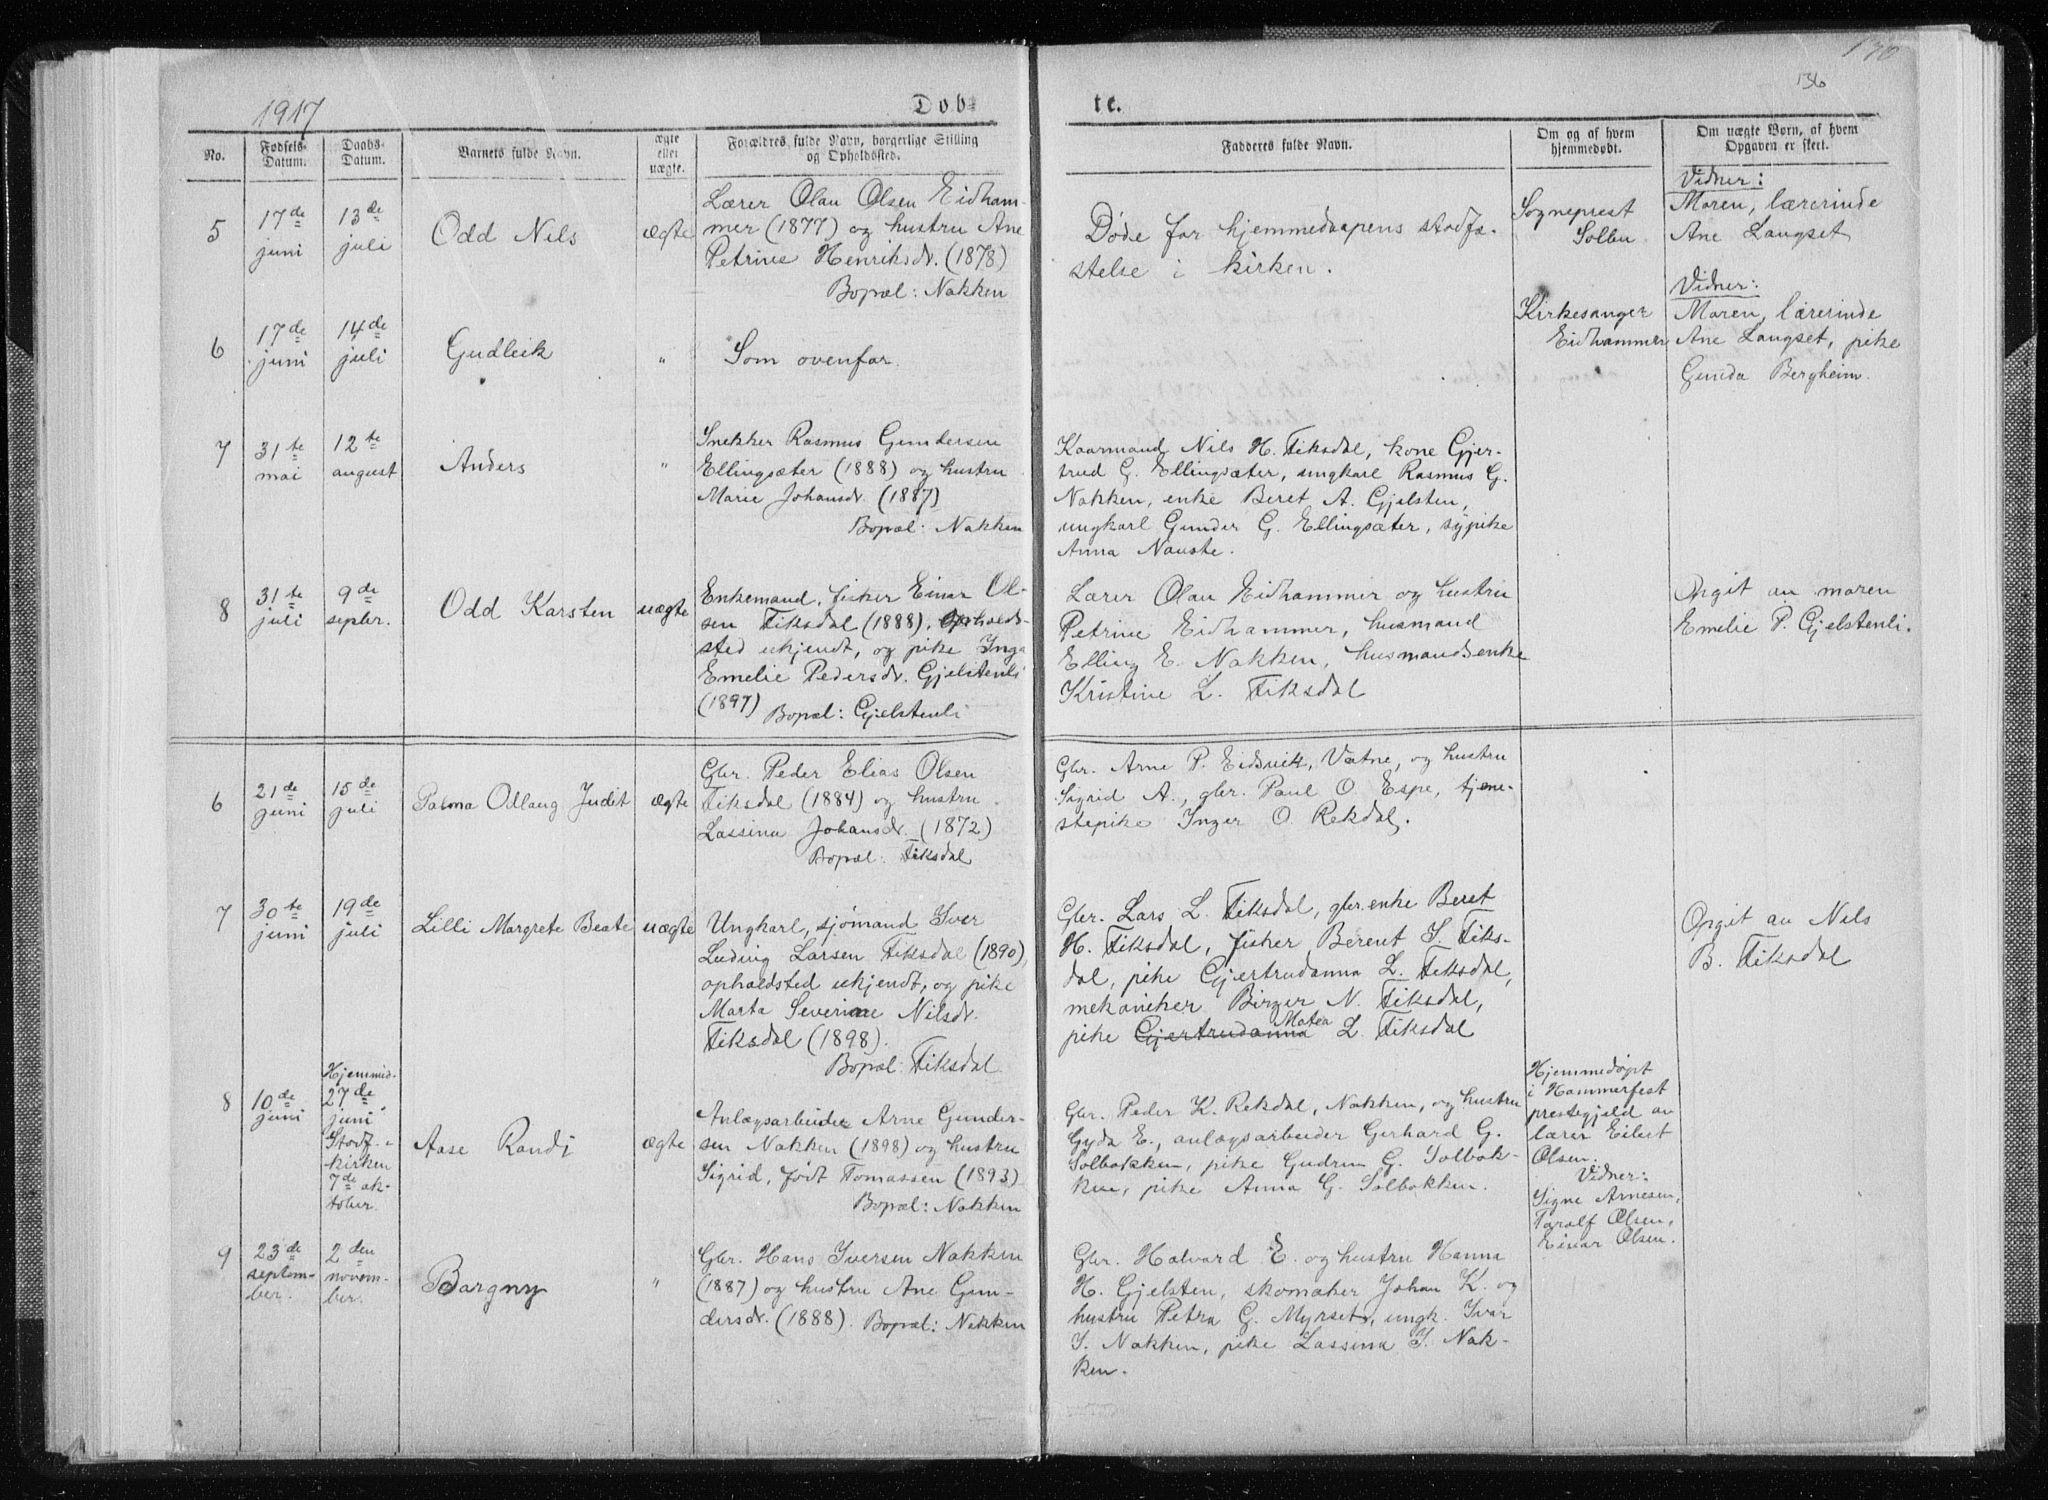 SAT, Ministerialprotokoller, klokkerbøker og fødselsregistre - Møre og Romsdal, 540/L0541: Klokkerbok nr. 540C01, 1867-1920, s. 136